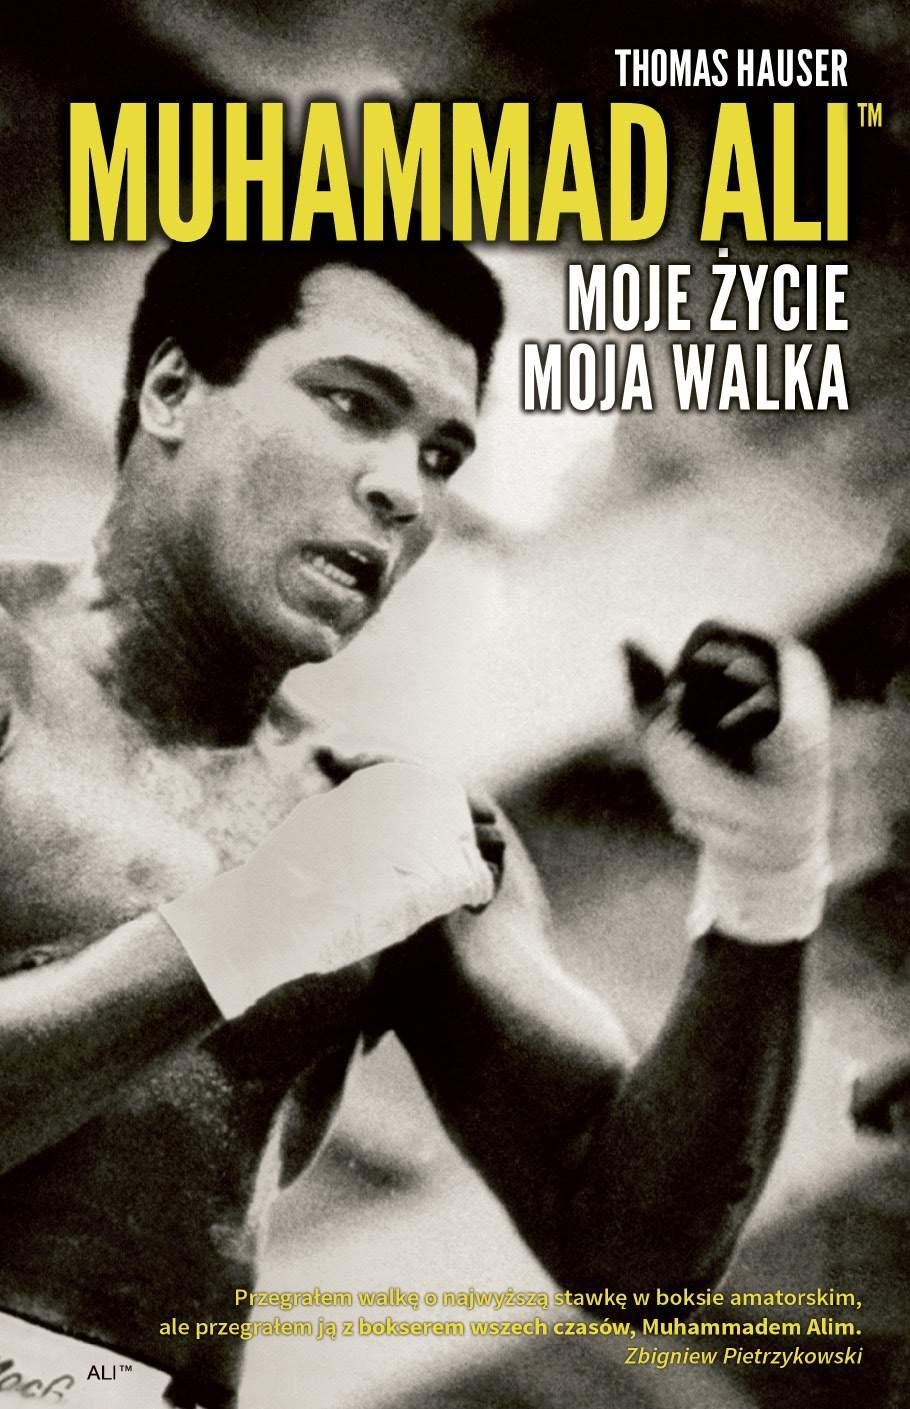 Muhammad Ali. Moje życie, moja walka - Ebook (Książka EPUB) do pobrania w formacie EPUB